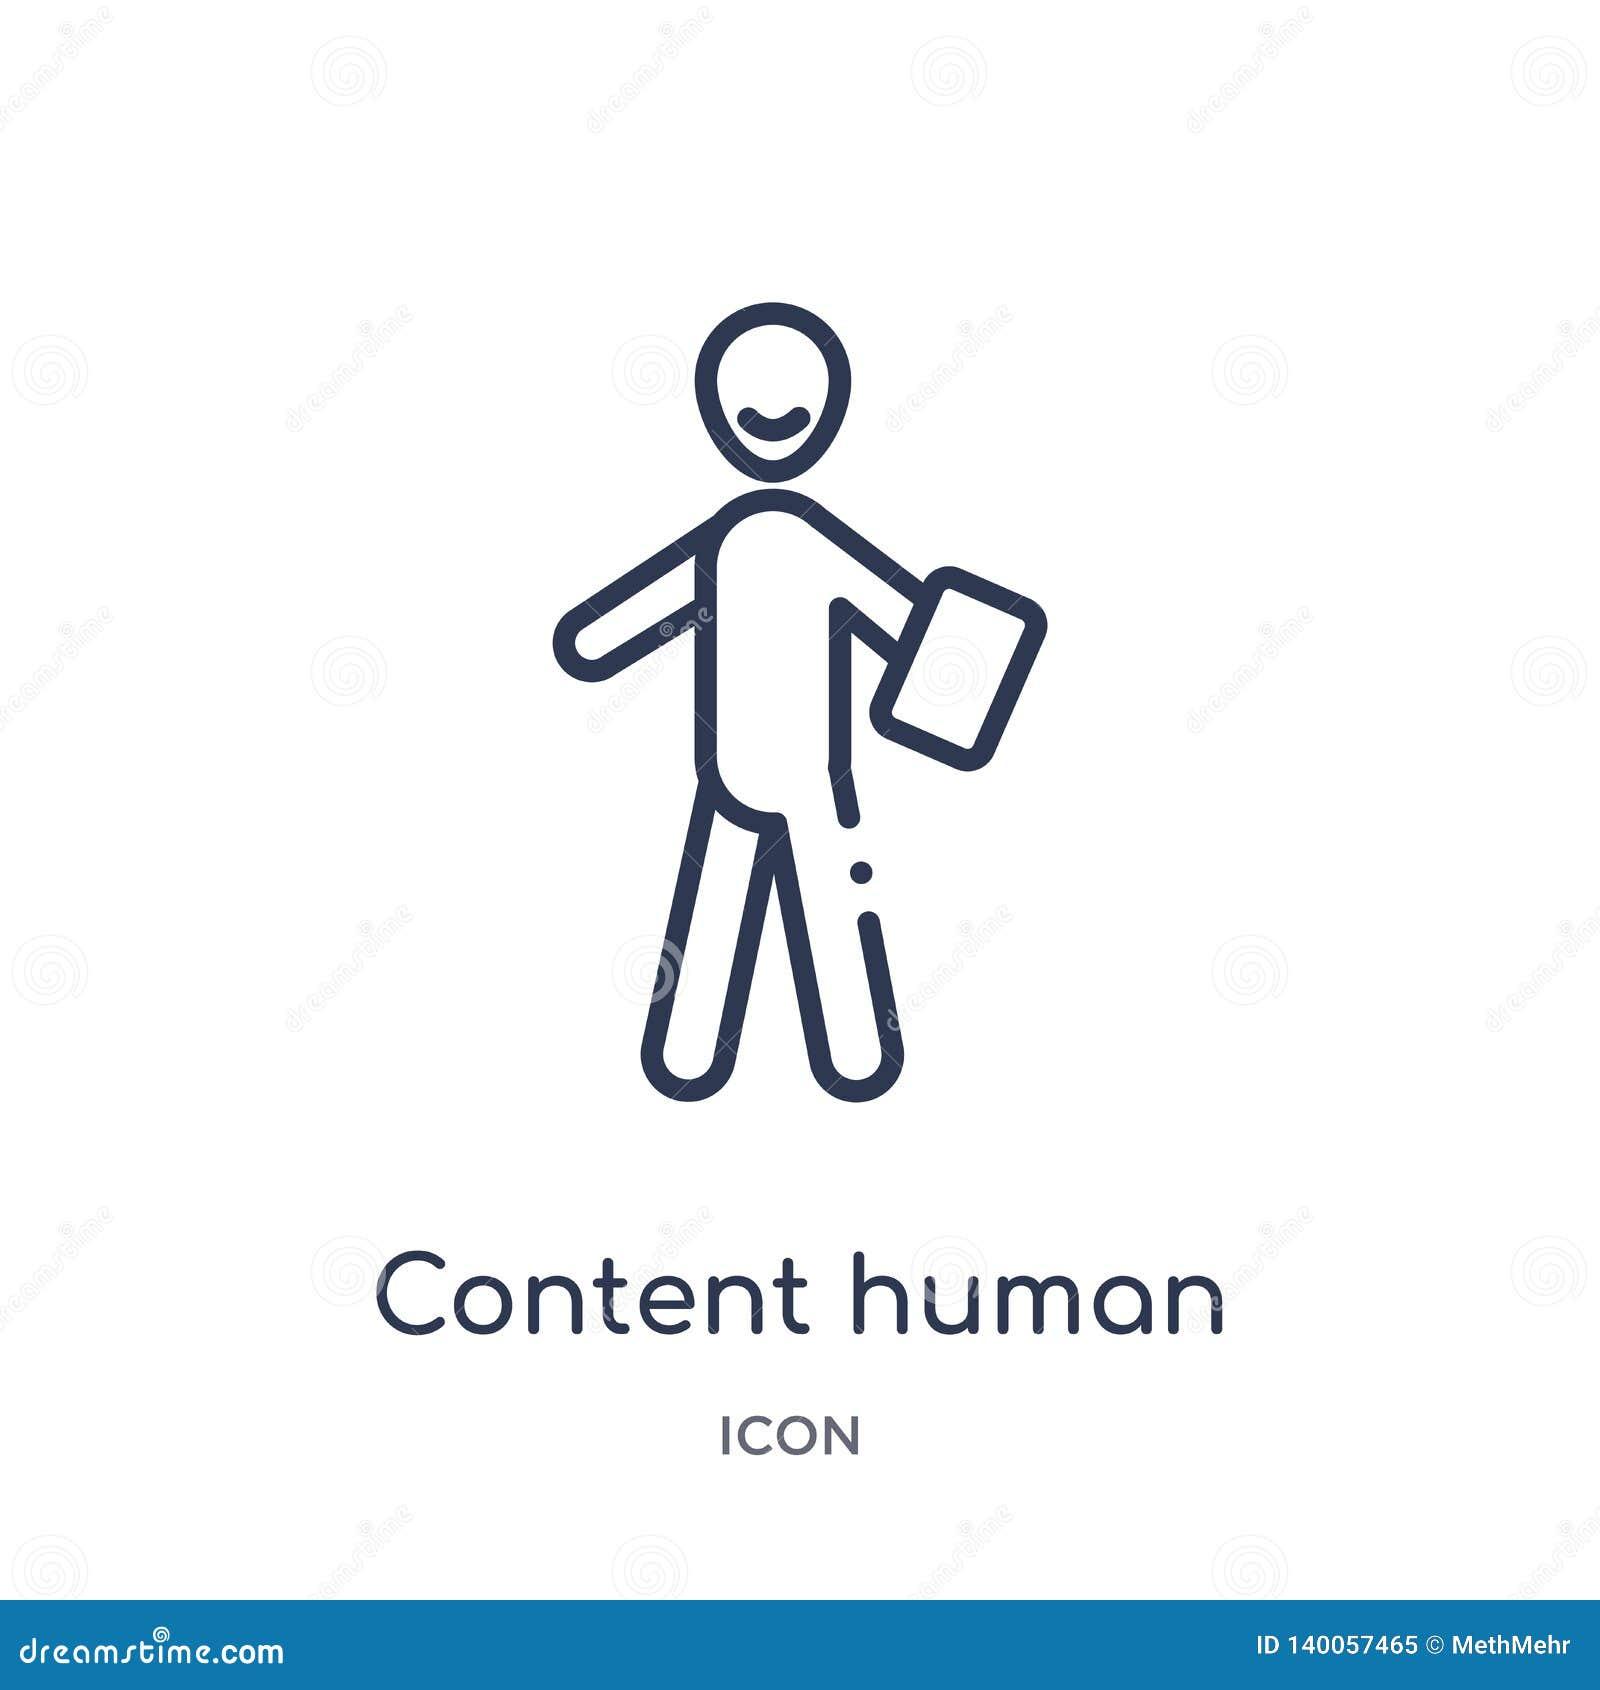 Icona umana contenta lineare dalla raccolta del profilo di sensibilità Linea sottile vettore umano del contenuto isolato su fondo